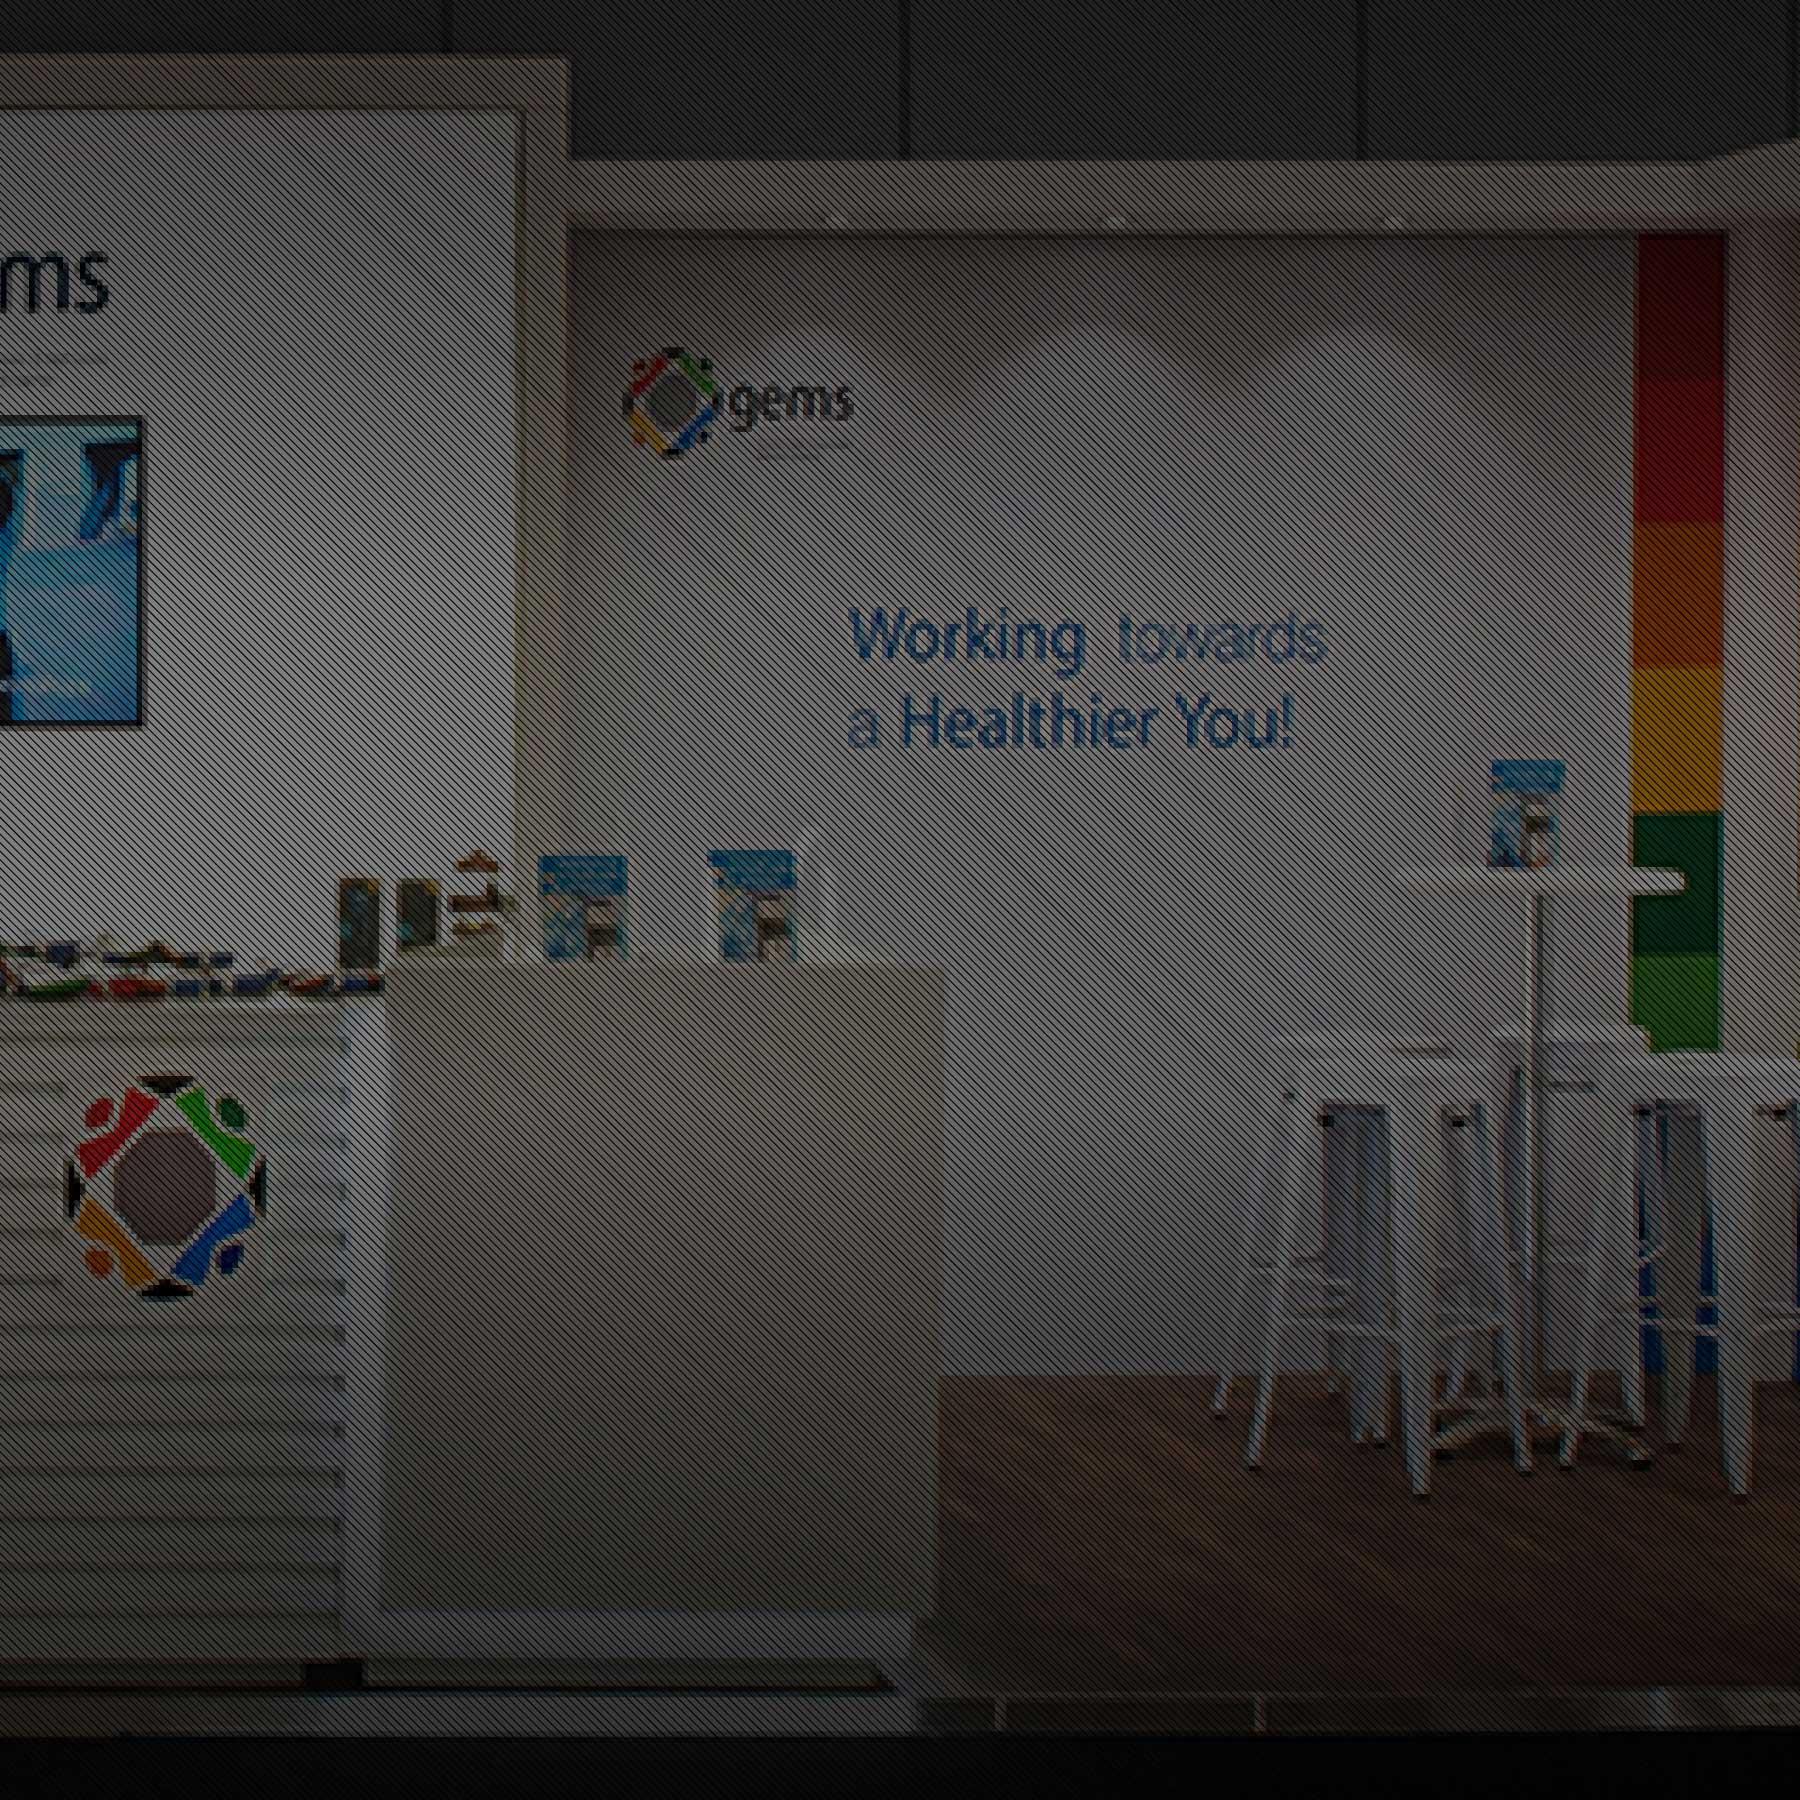 gems exhibition stand header image